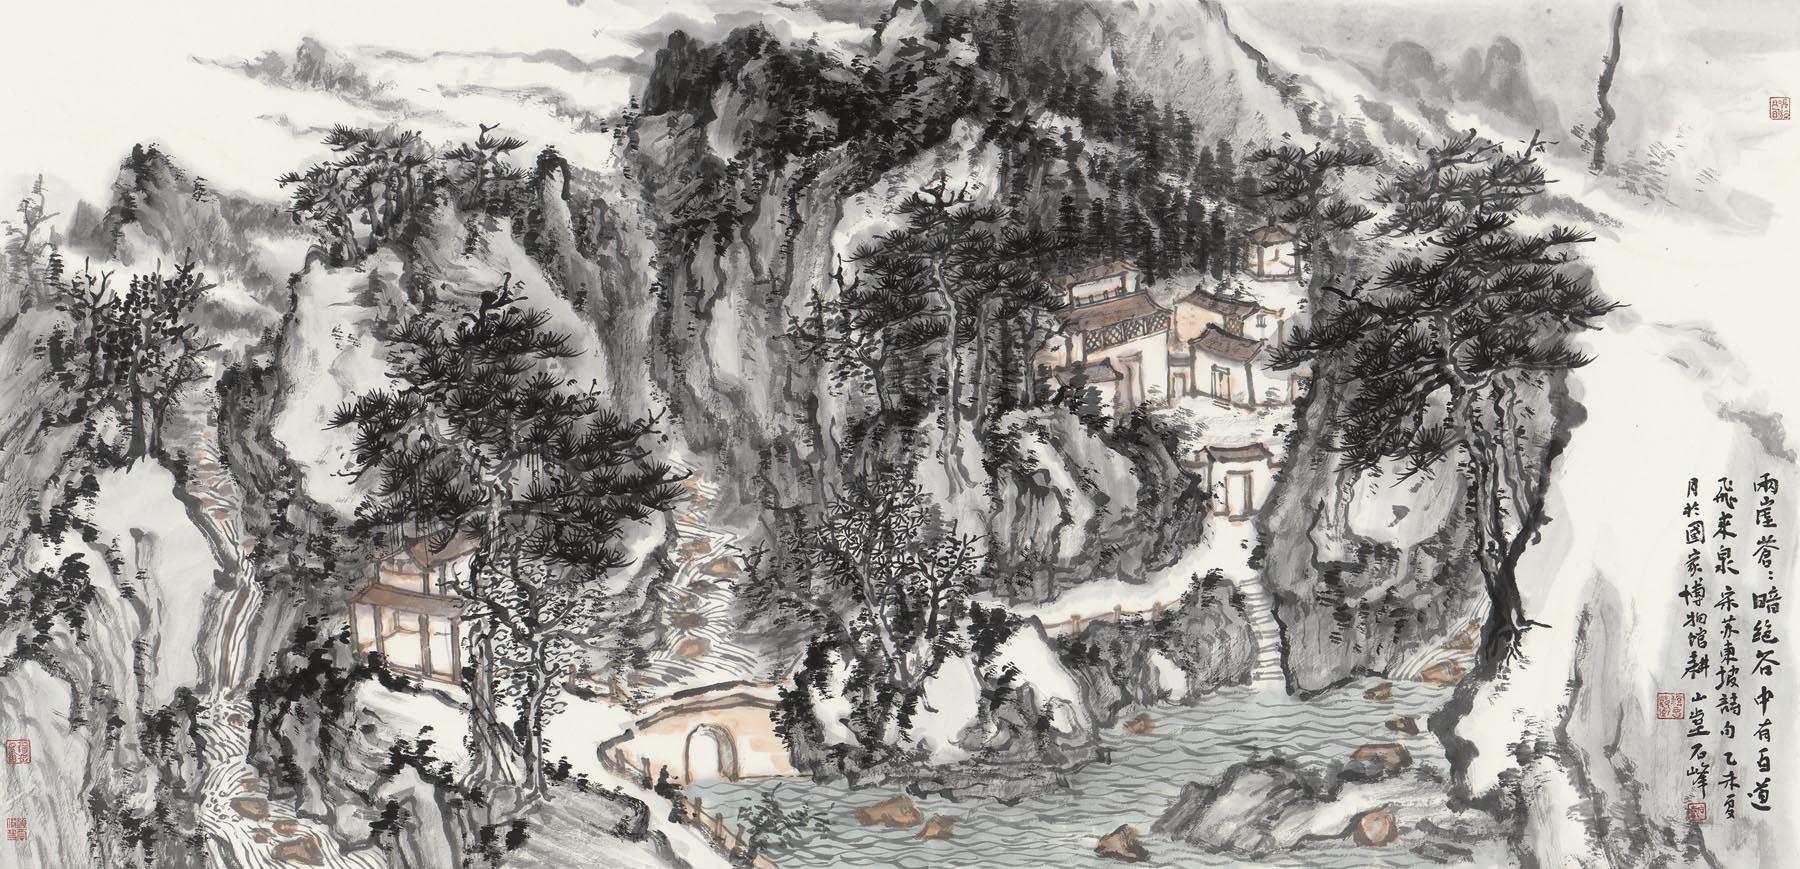 石峰作品两崖苍苍暗绝谷中有百道飞来泉